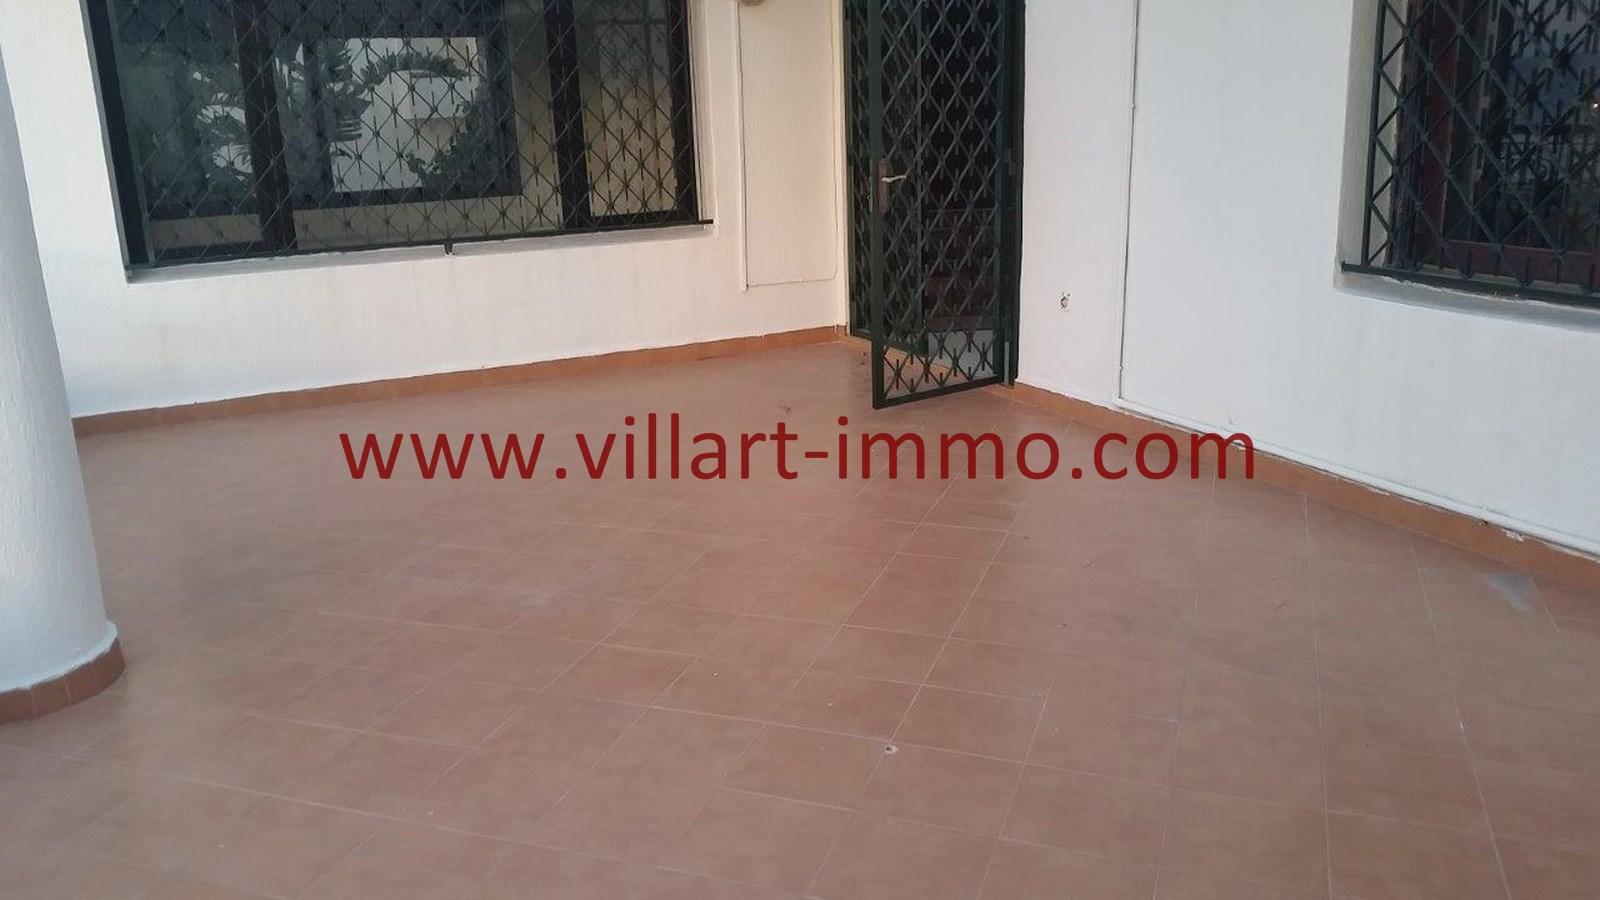 14-a-louer-villa-non-meublee-tanger-terrasse-lv901-villart-immo